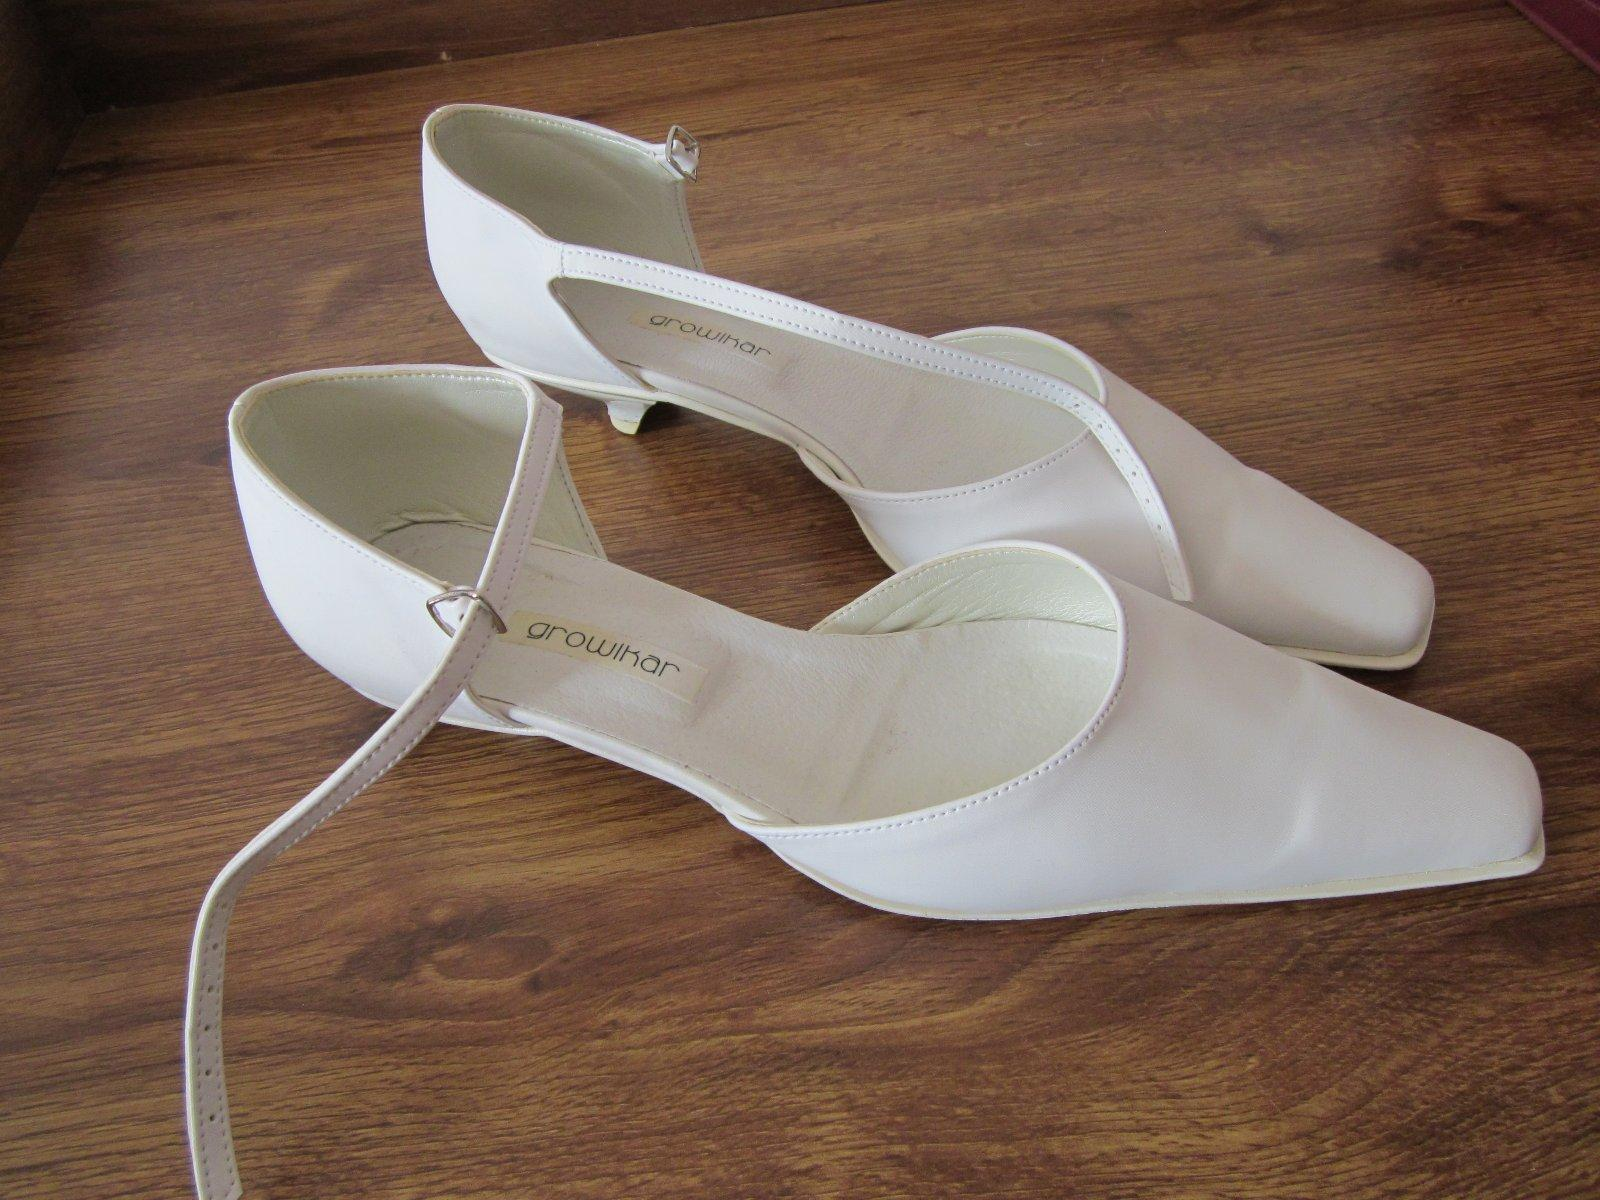 Biele topanky - svadobne - zn.growikar 0df1ba67836